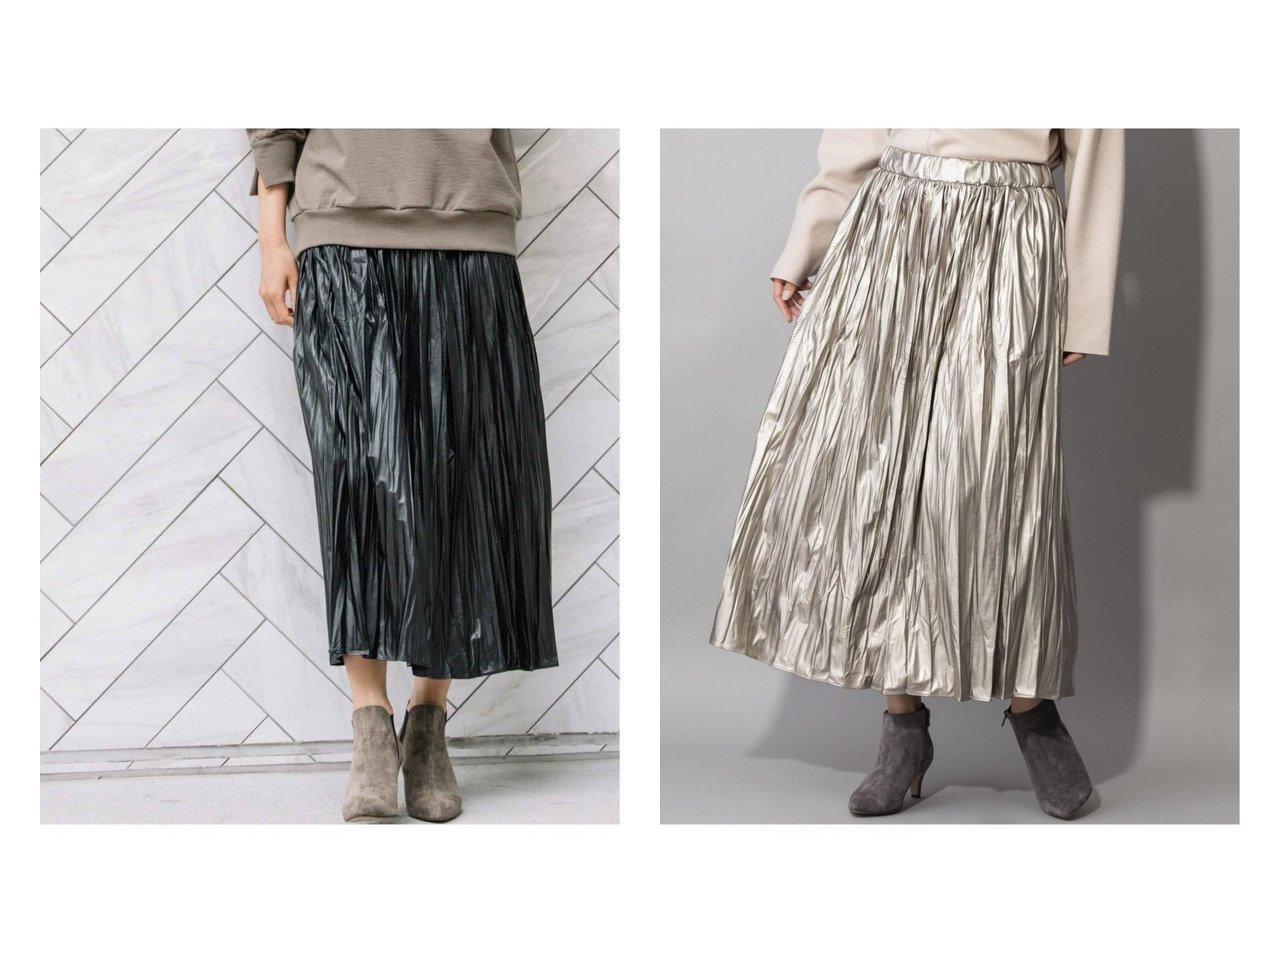 【Munich/ミューニック】のリンクルプロセッシングライトレザー ギャザーロングスカート おすすめ!人気、トレンド・レディースファッションの通販 おすすめで人気の流行・トレンド、ファッションの通販商品 インテリア・家具・メンズファッション・キッズファッション・レディースファッション・服の通販 founy(ファニー) https://founy.com/ ファッション Fashion レディースファッション WOMEN スカート Skirt ロングスカート Long Skirt カットソー ギャザー コンパクト コーティング 軽量 ジャージ トレンド ドレープ ベーシック リブニット ロング A/W・秋冬 AW・Autumn/Winter・FW・Fall-Winter 冬 Winter 2021年 2021 2021-2022秋冬・A/W AW・Autumn/Winter・FW・Fall-Winter・2021-2022 おすすめ Recommend  ID:crp329100000072410